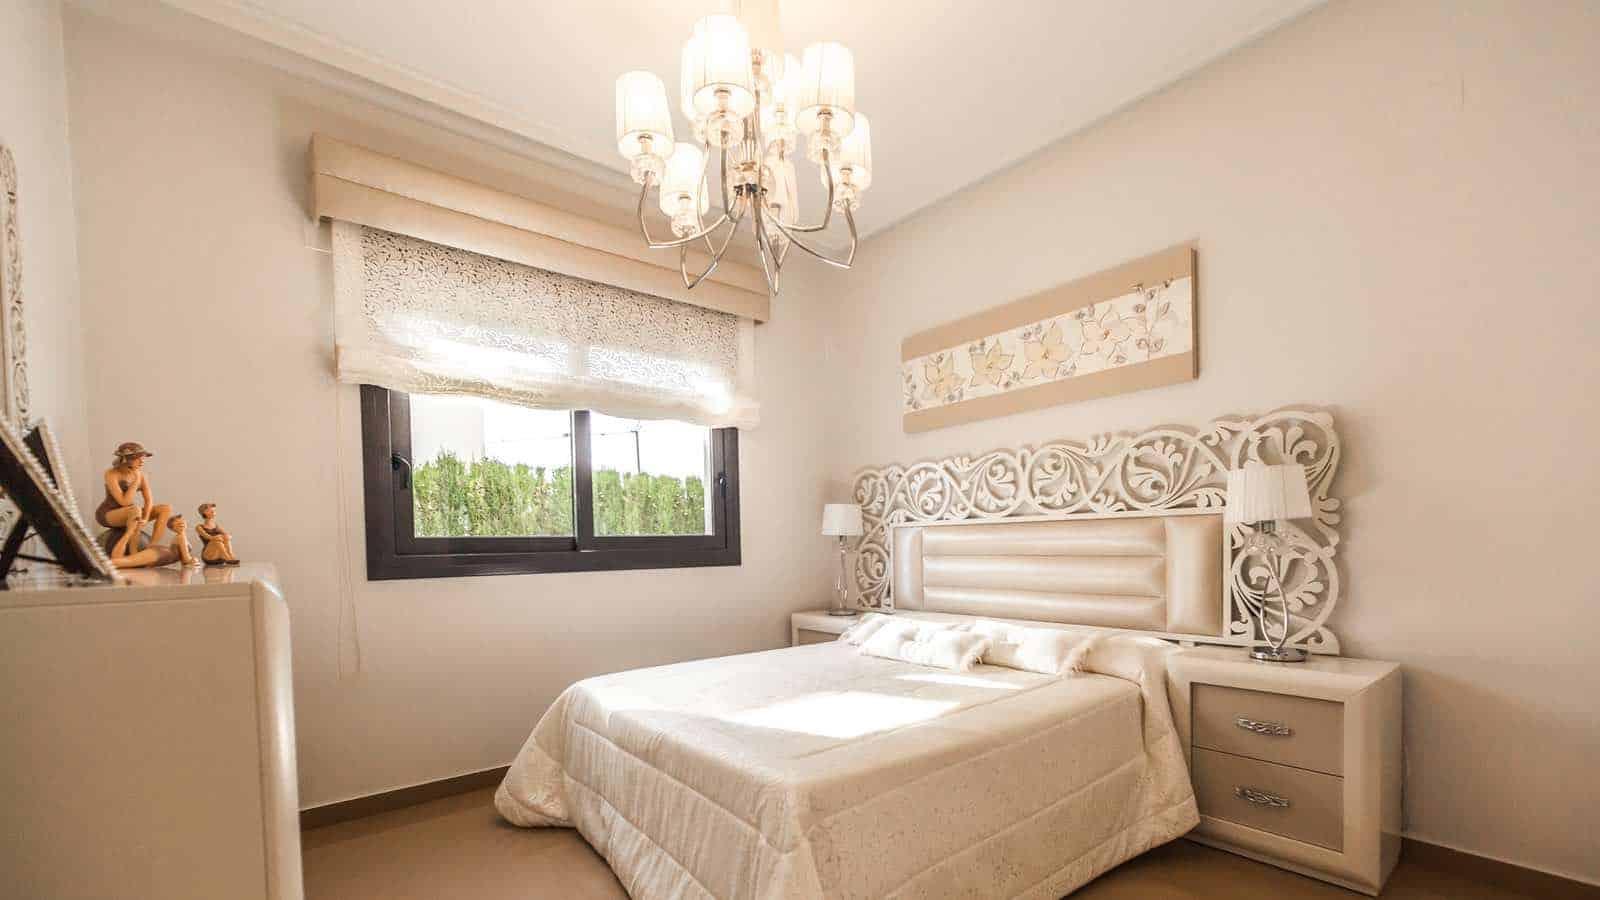 Die Farbe Weiß Ist Eine Gute Farbe, Um Dein Schlafzimmer Romantisch Zu  Gestalten